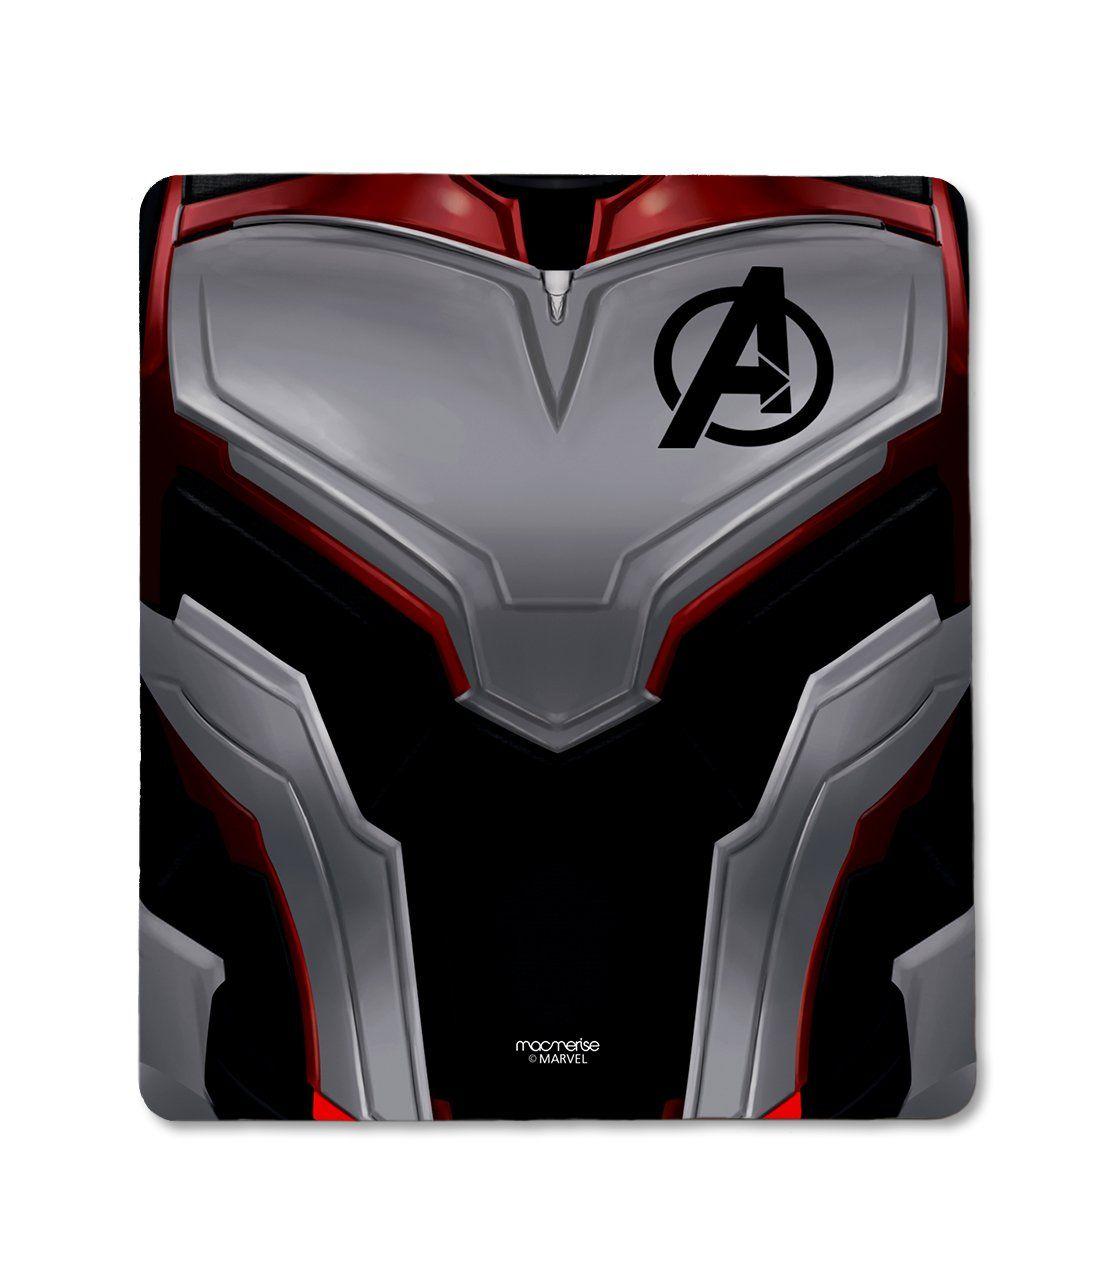 Avengers Endgame Suit - Macmerise Mouse Pad